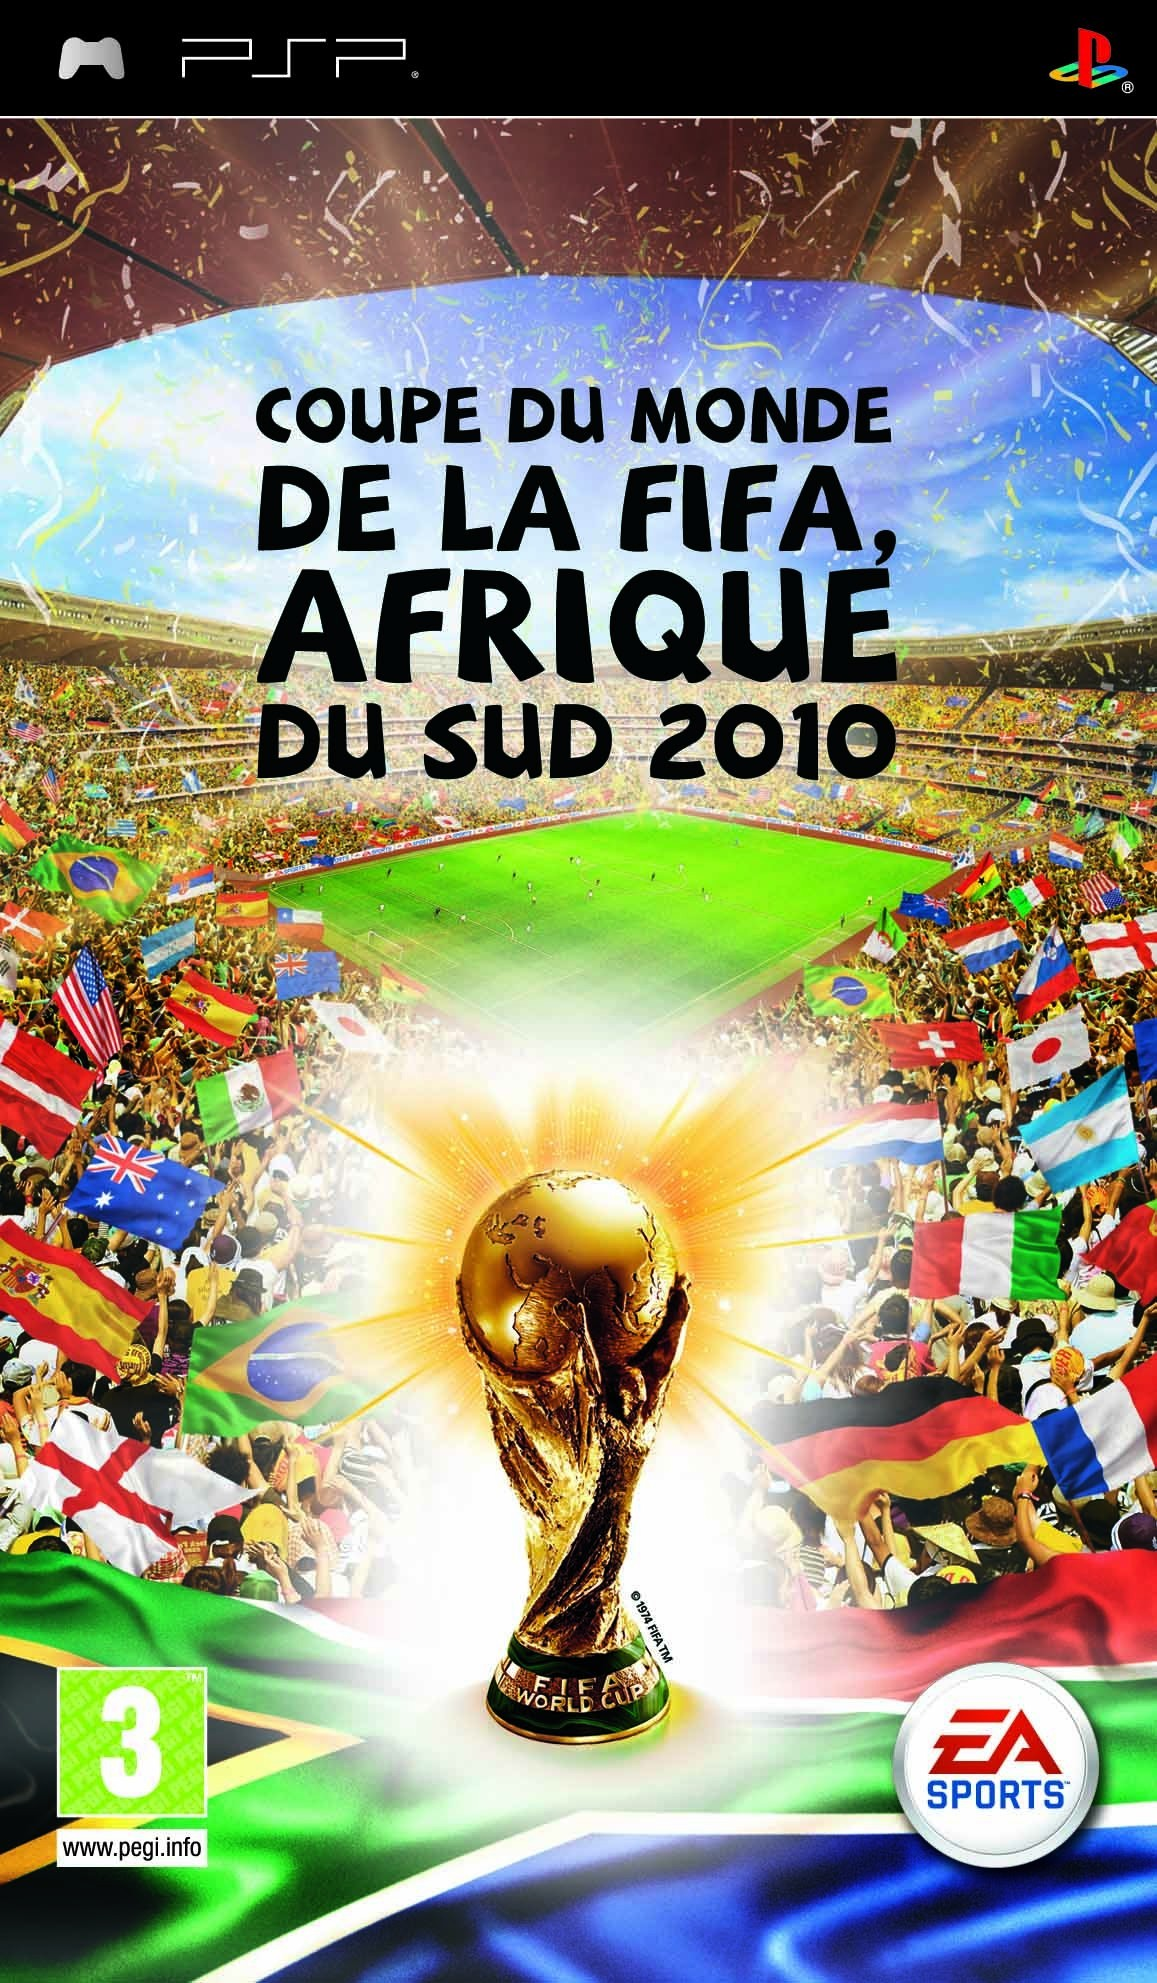 Coupe du monde de la fifa afrique du sud 2010 annonc en images - Coupe du monde 2010 lieu ...